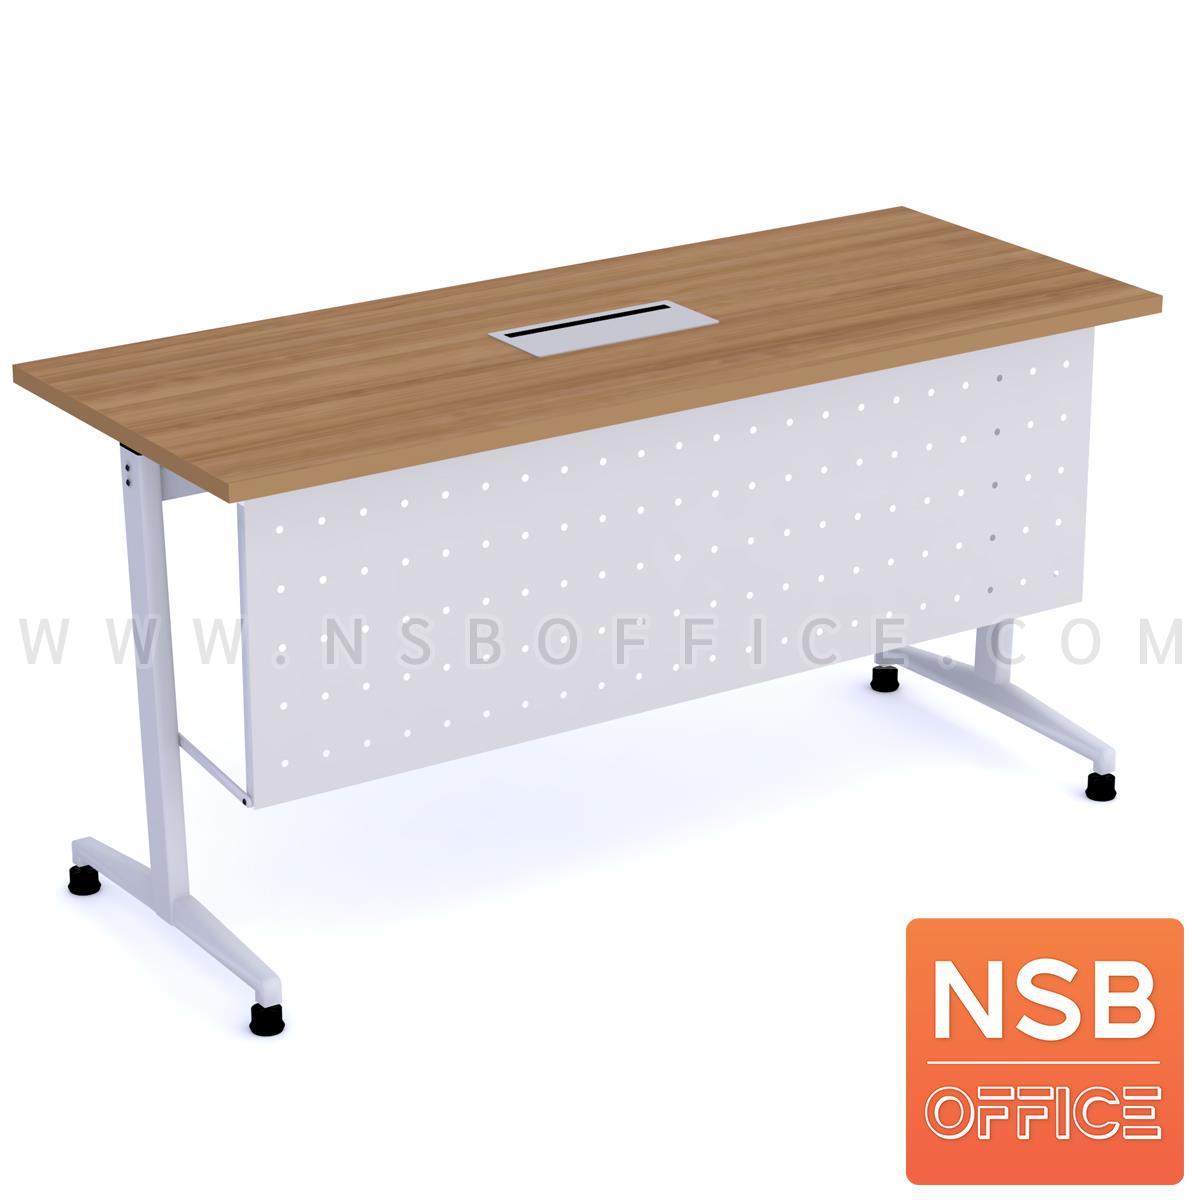 A18A102:โต๊ะทำงาน  รุ่น NAOMI (นาโอมิ) พร้อมบังโป๊เหล็ก